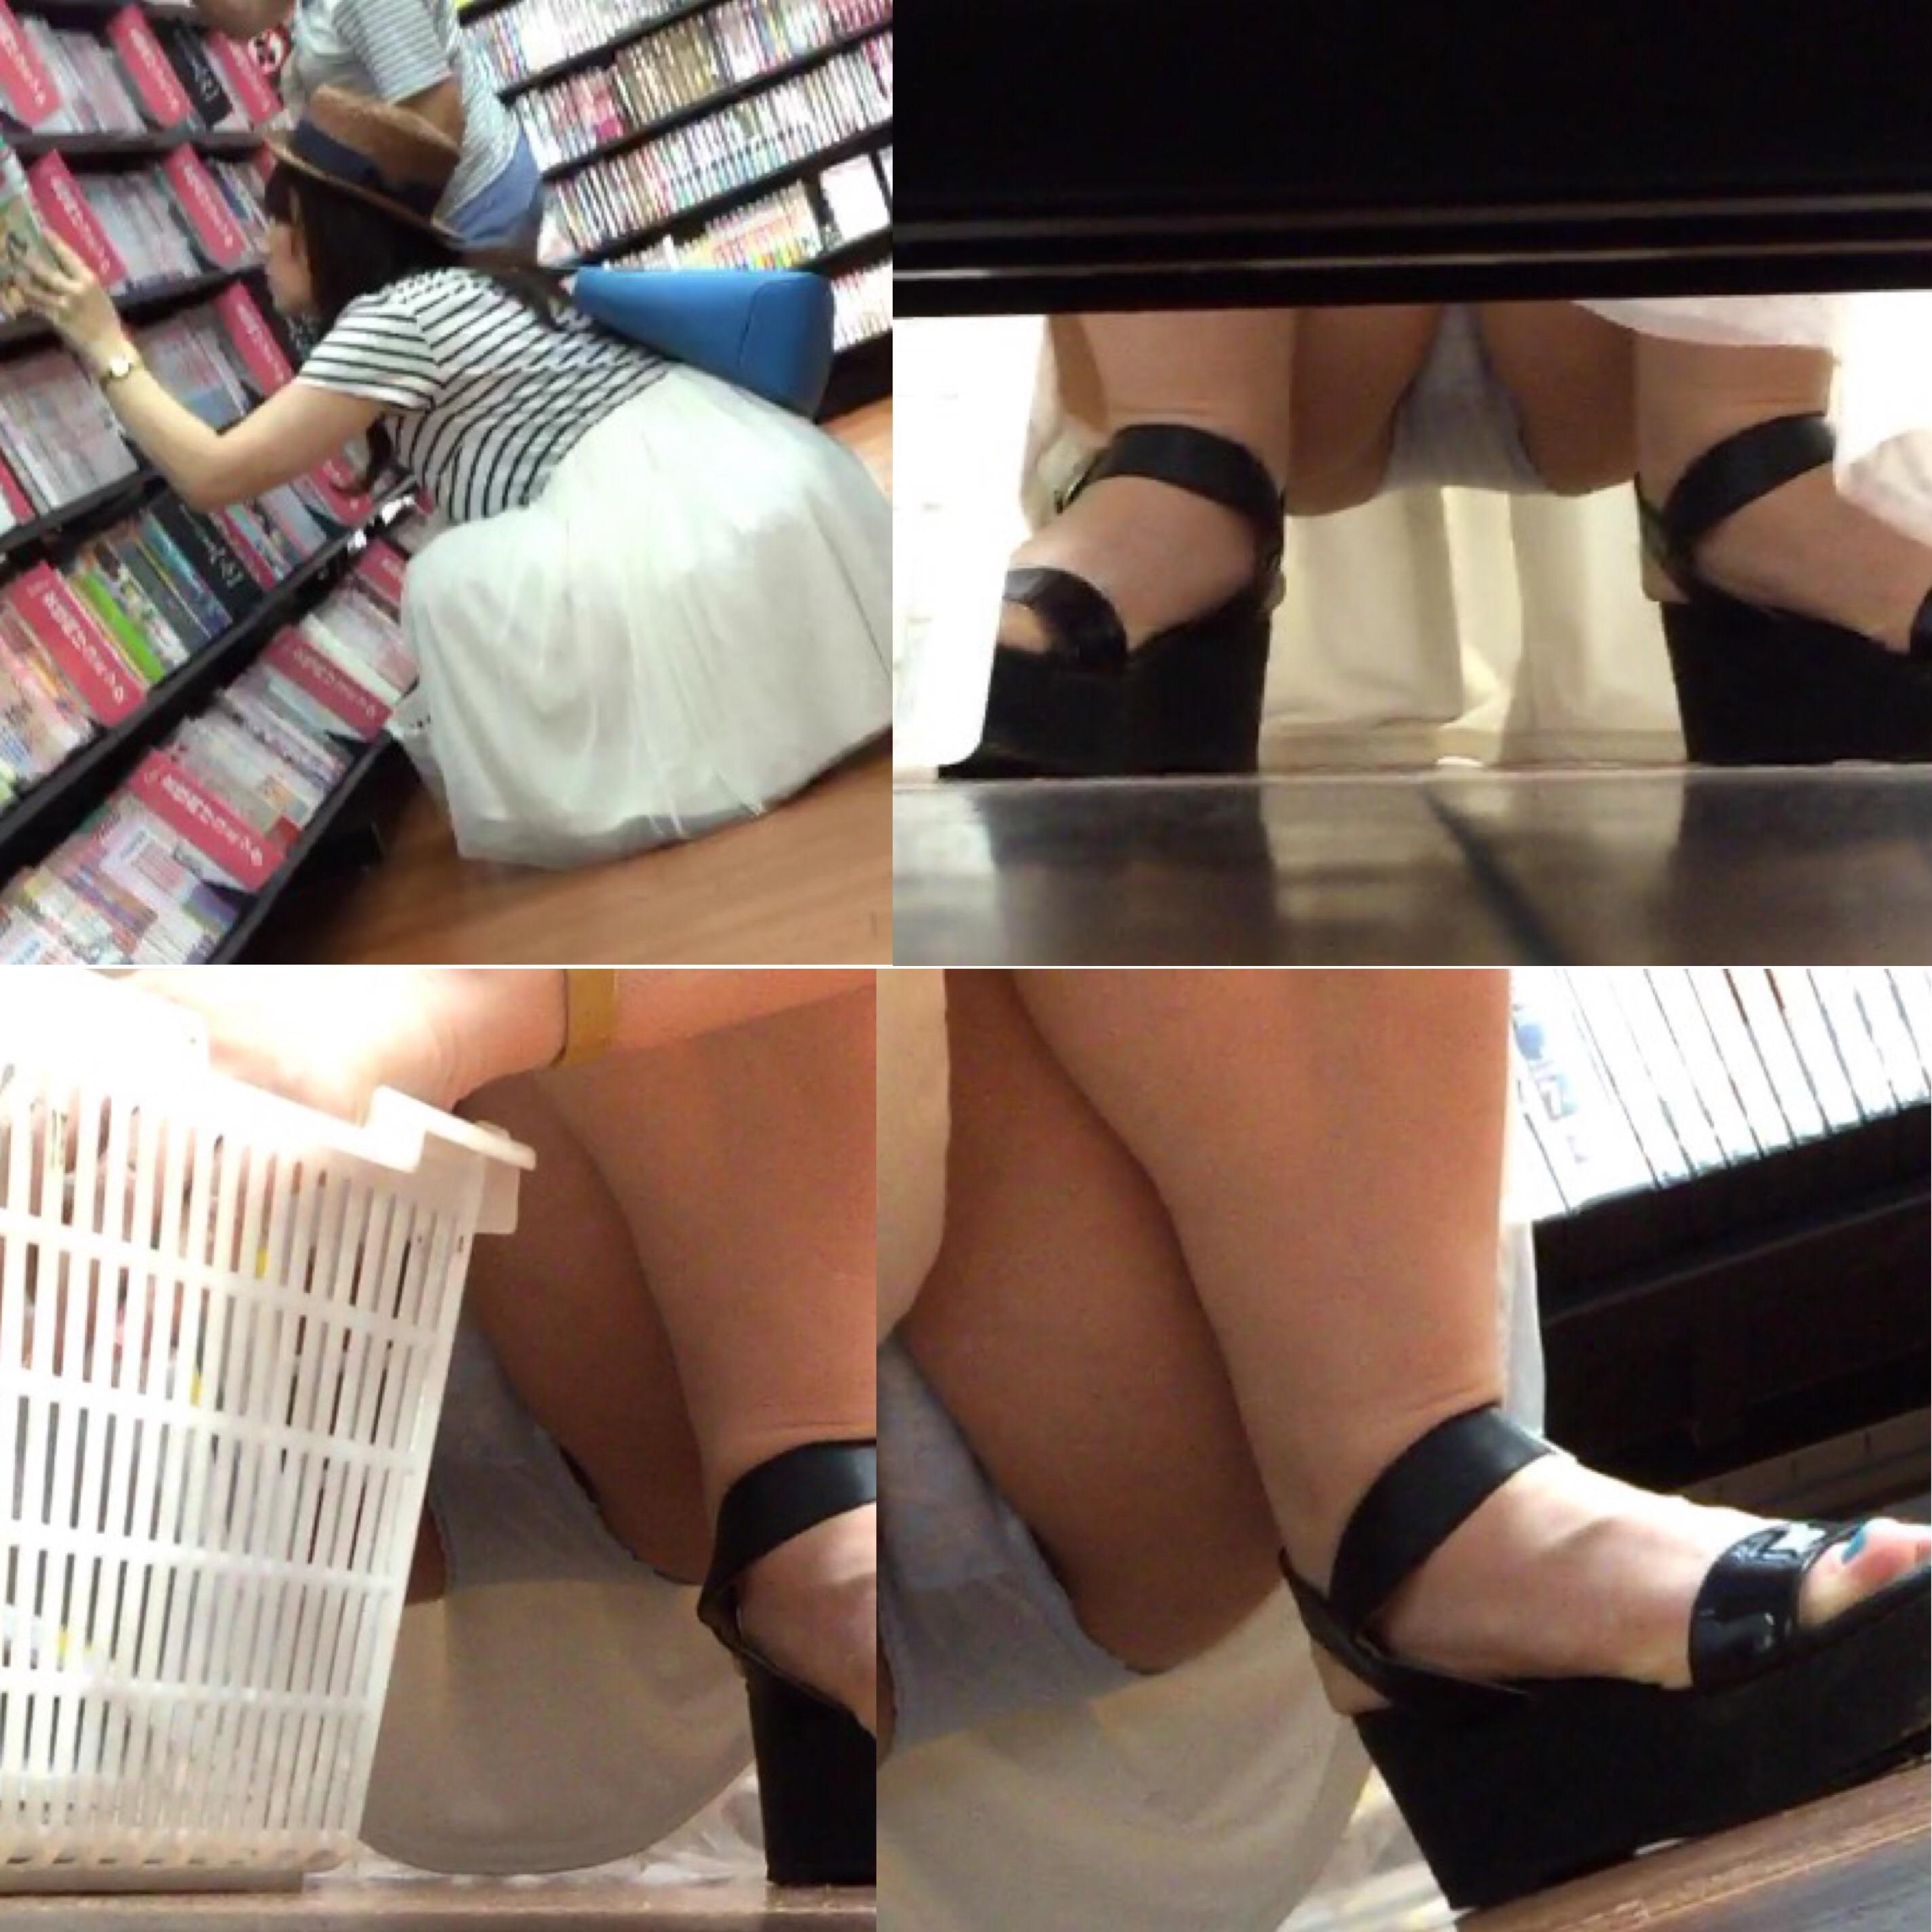 【パンチラエロ画像】棚の下から座るミニスカ女子のパンツを商品そっちのけでガン見www 22